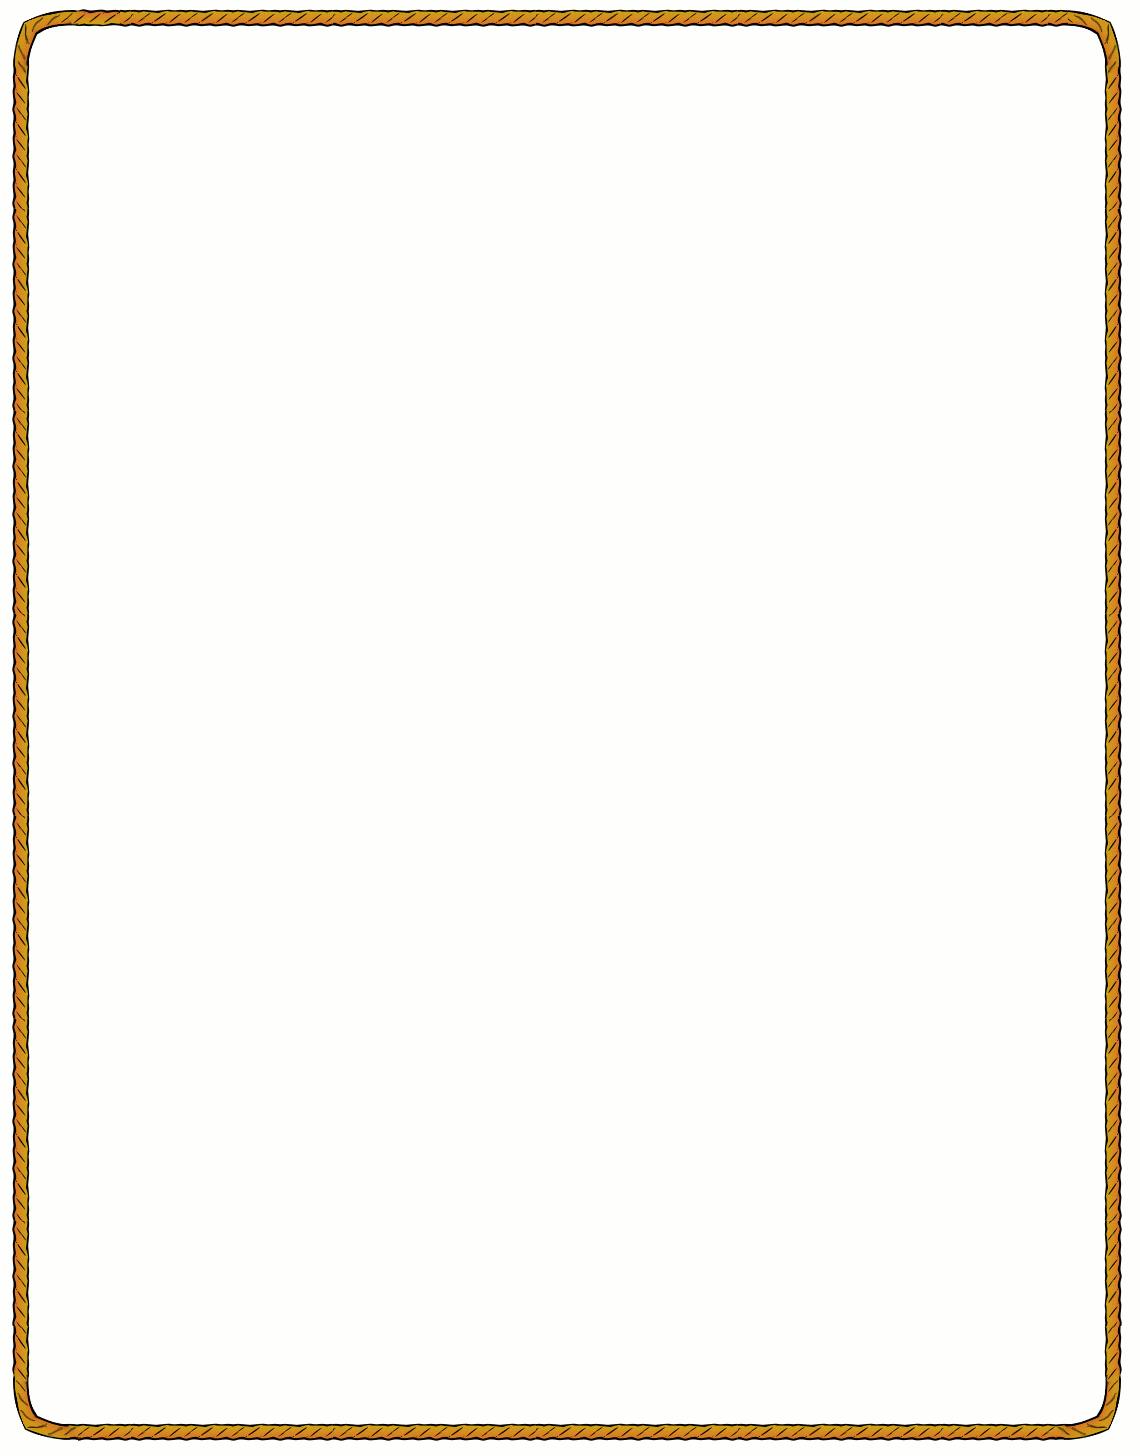 1140x1456 Border Frame Clipart